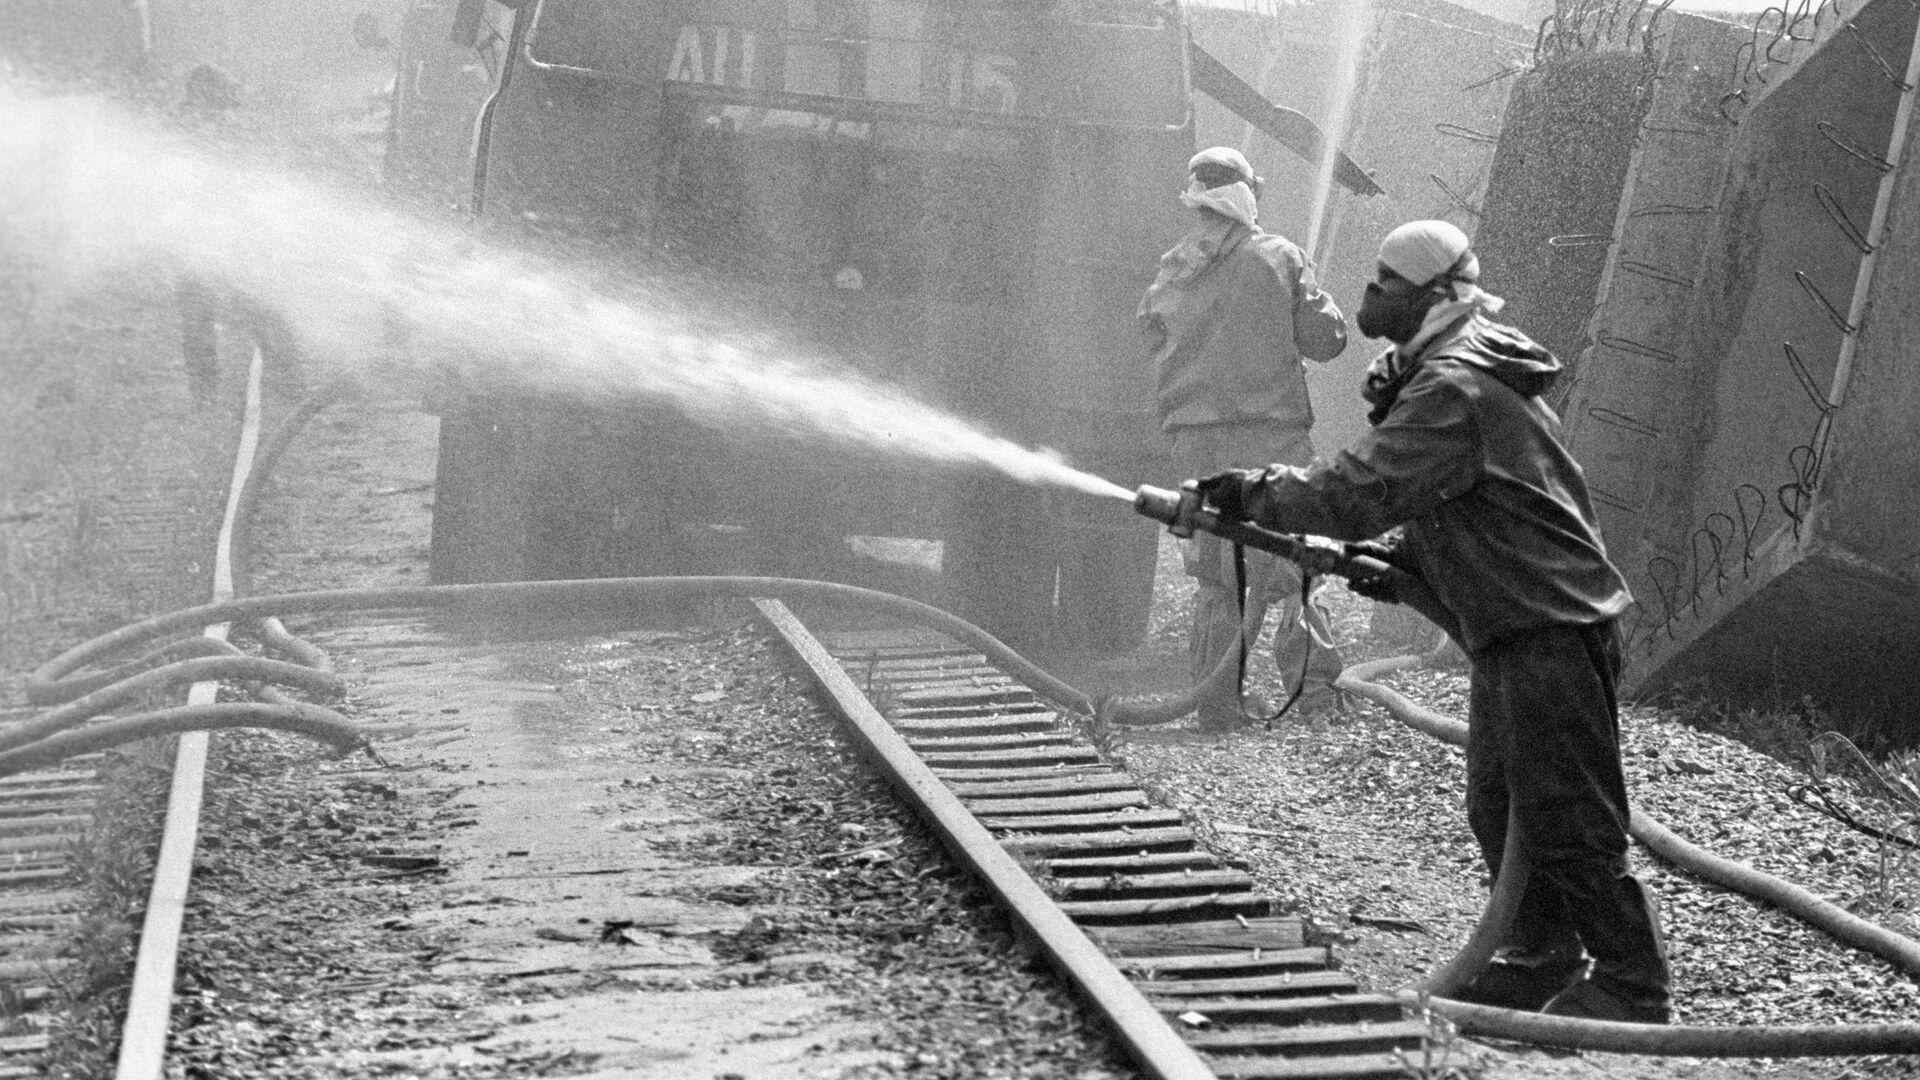 Дезактивация территории Чернобыльской атомной электростанции. 26 апреля 1986  - РИА Новости, 1920, 26.04.2021